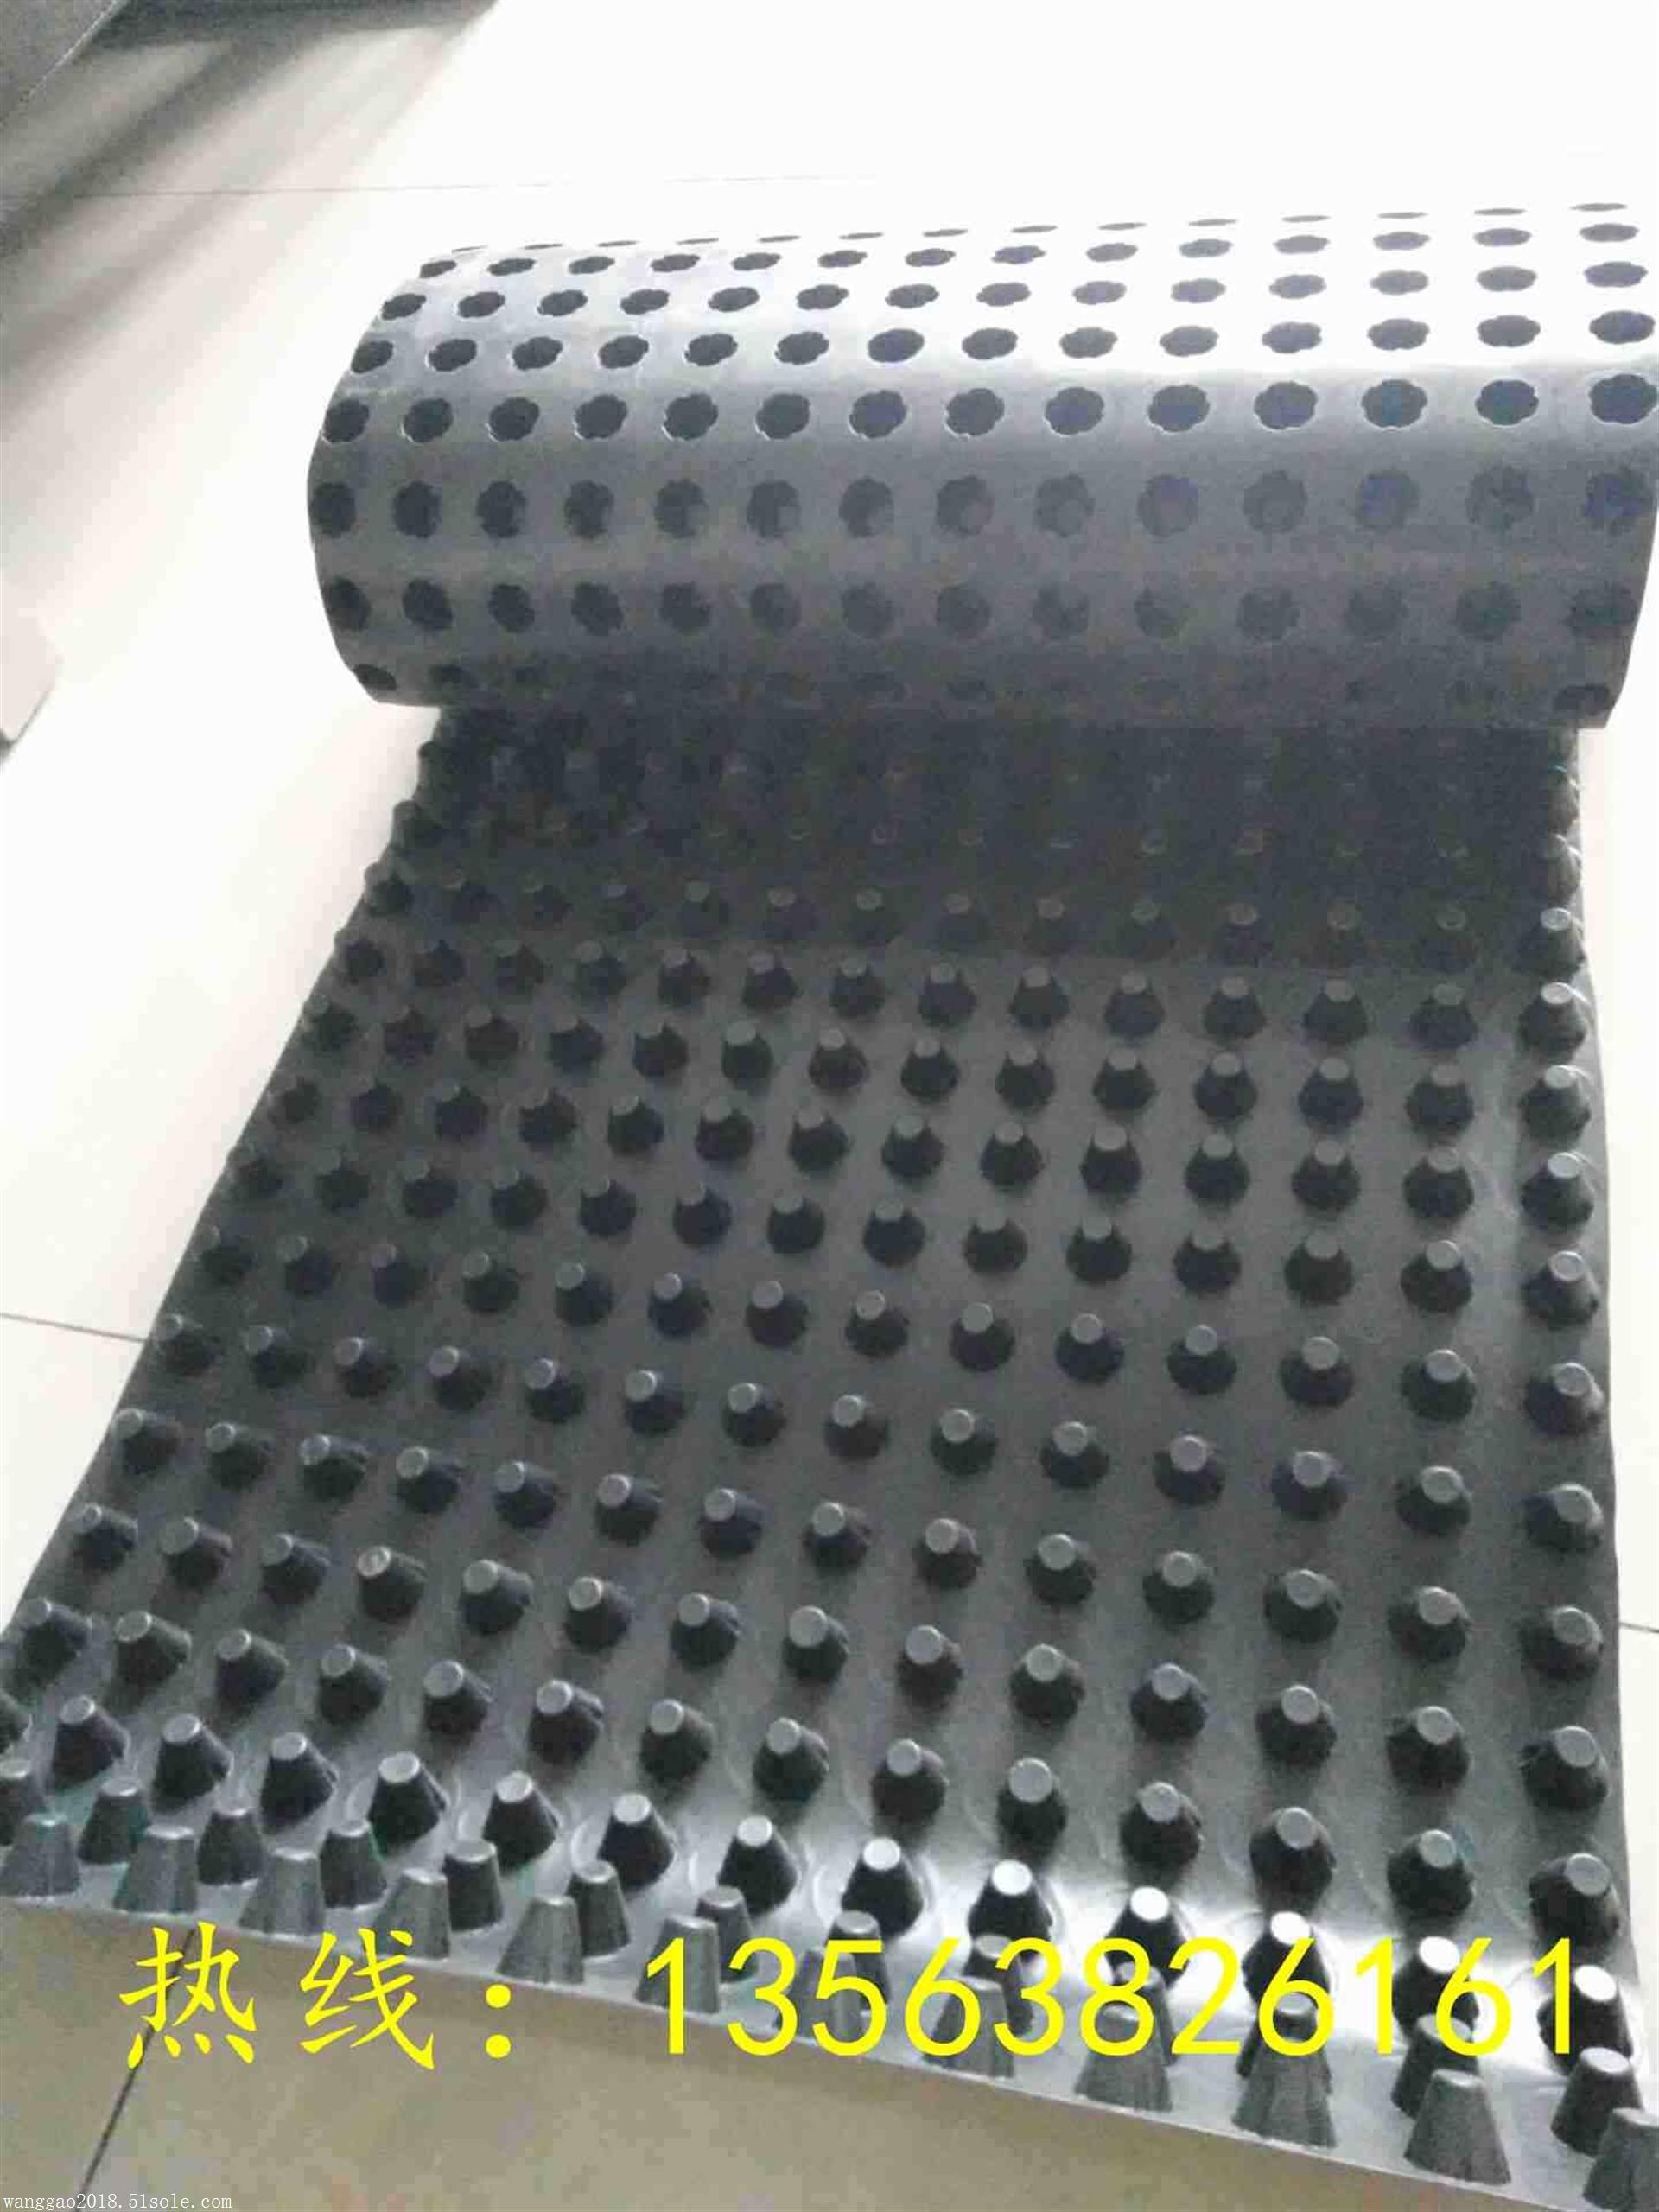 庆阳镂空式排水板厂家